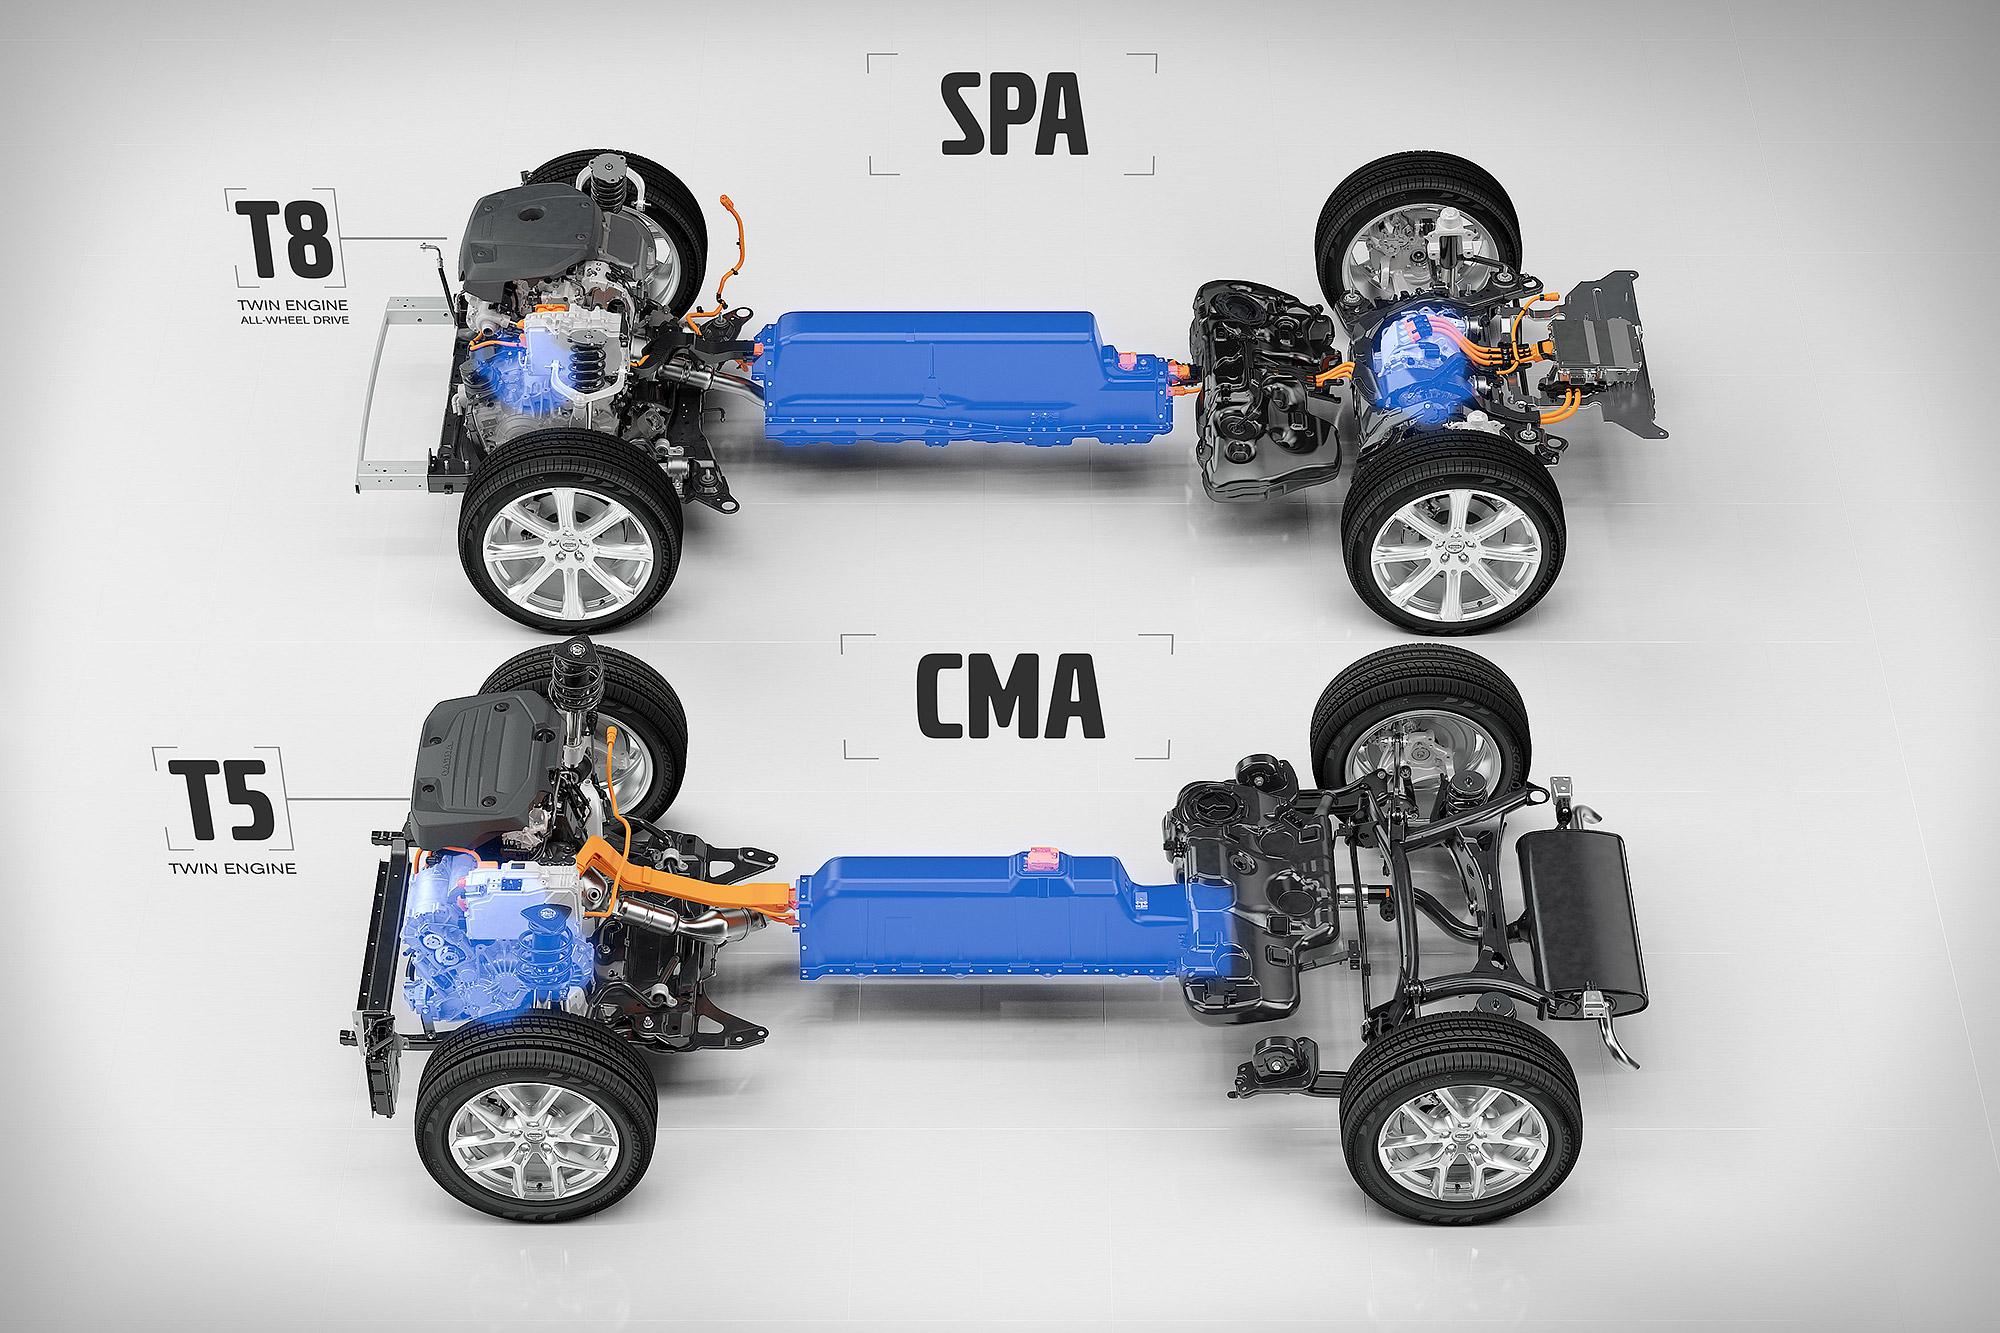 除了 60 Series 與 90 Series 使用的 SPA 平台, CMA 平台設計之初也考量 PHEV 系統的安裝空間。